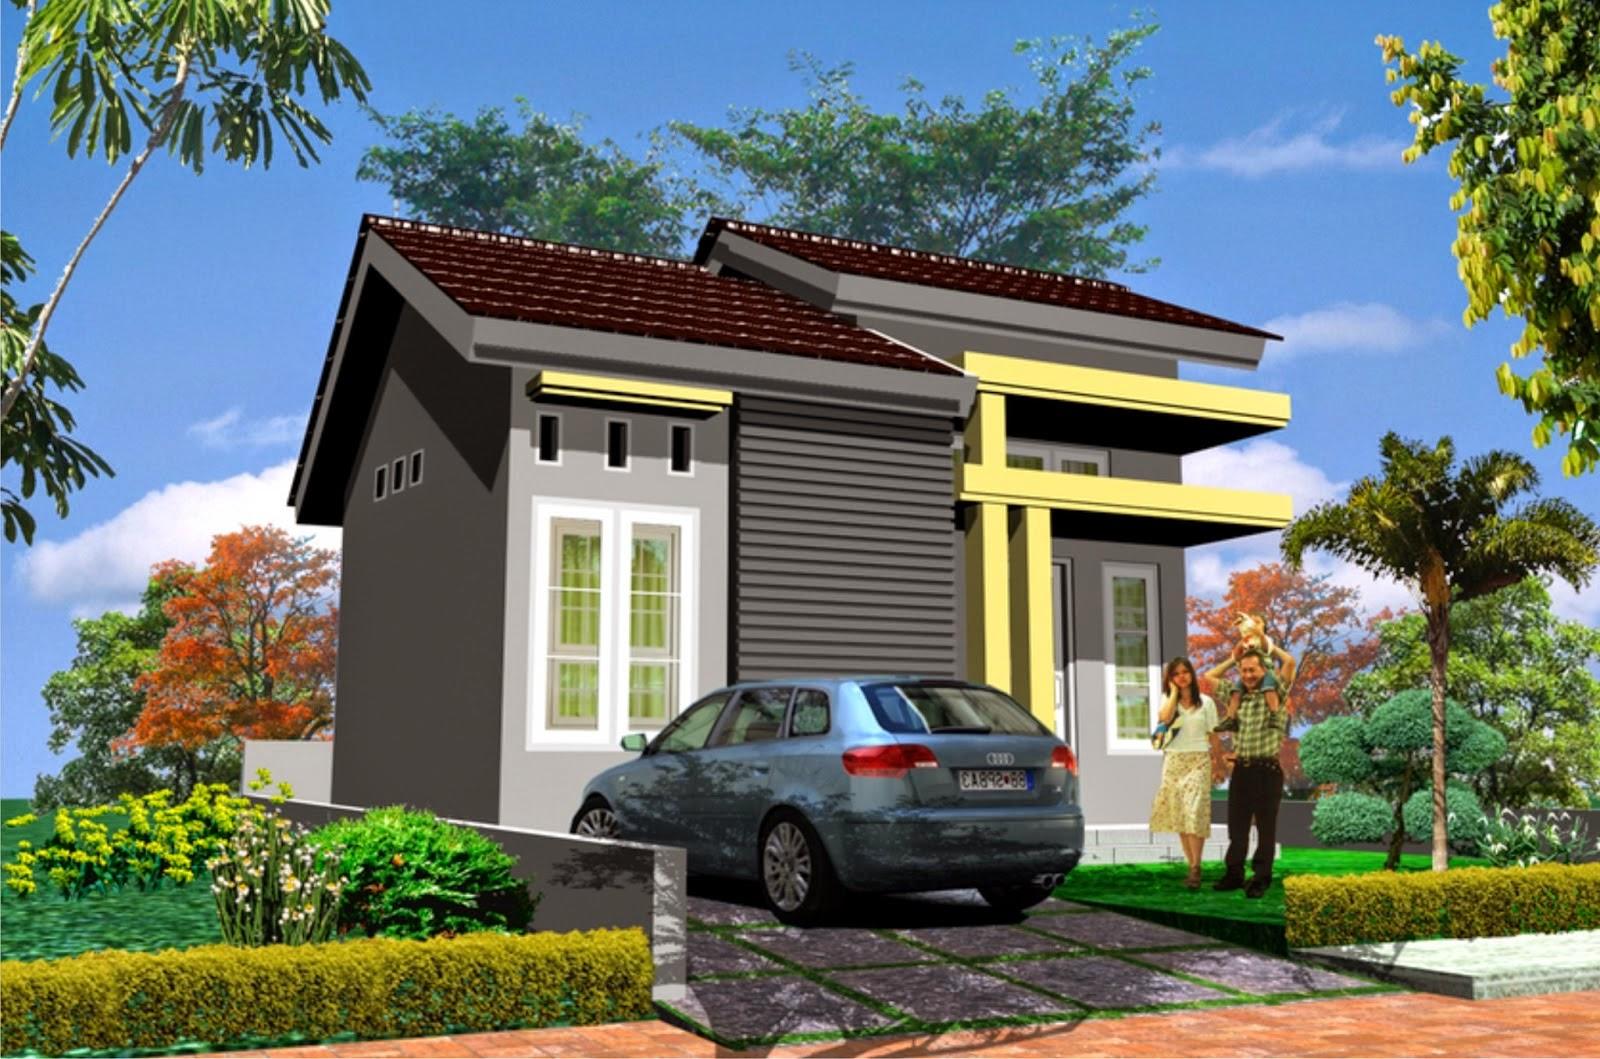 Inspirasi Rumah Minimalis Ciri Utama Fasad Desain Rumah